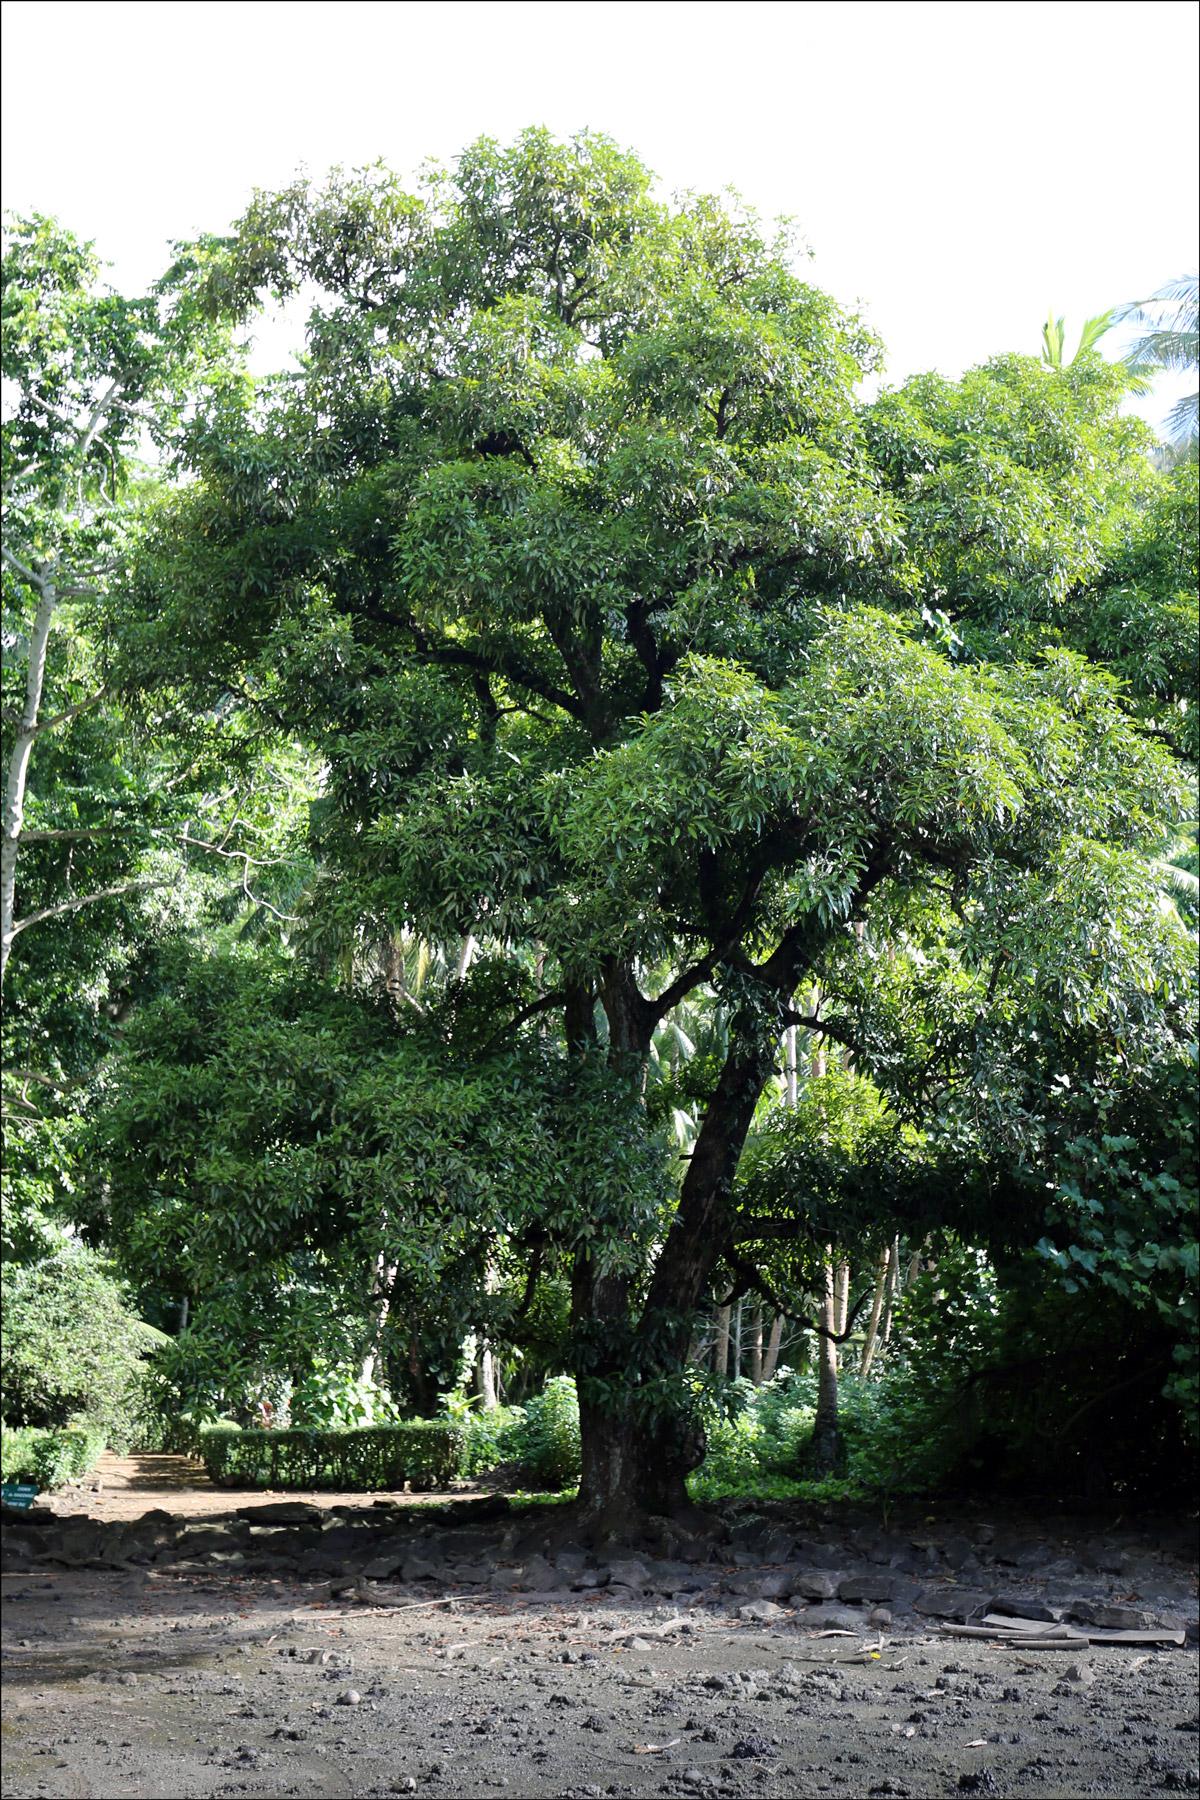 Mango Tree (Mangifera indica)